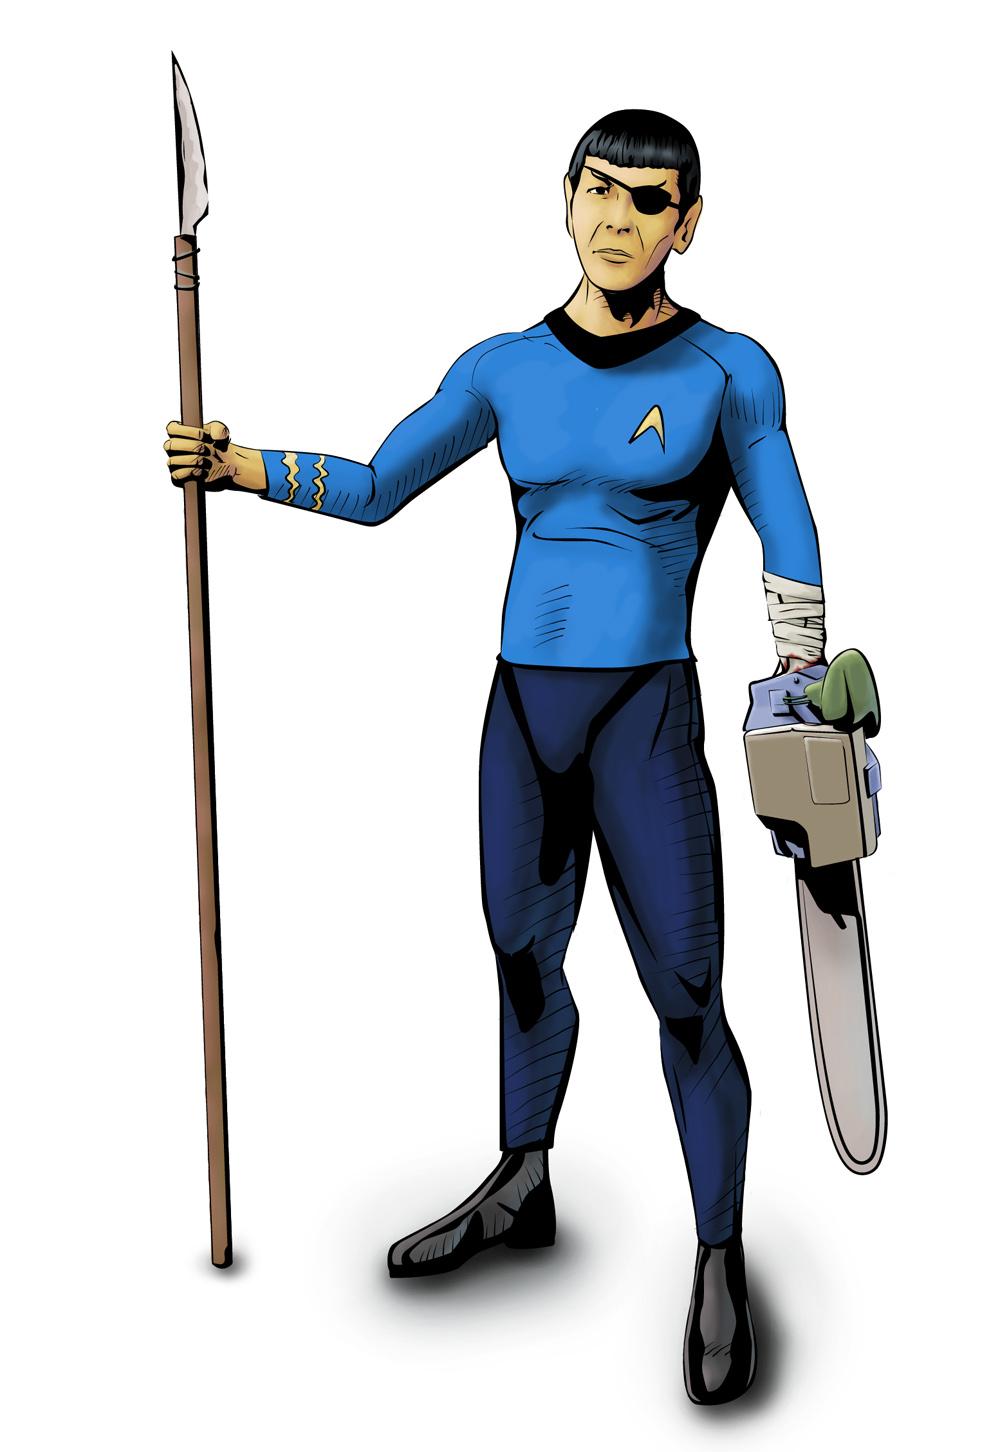 Chainsaw-arm Spock